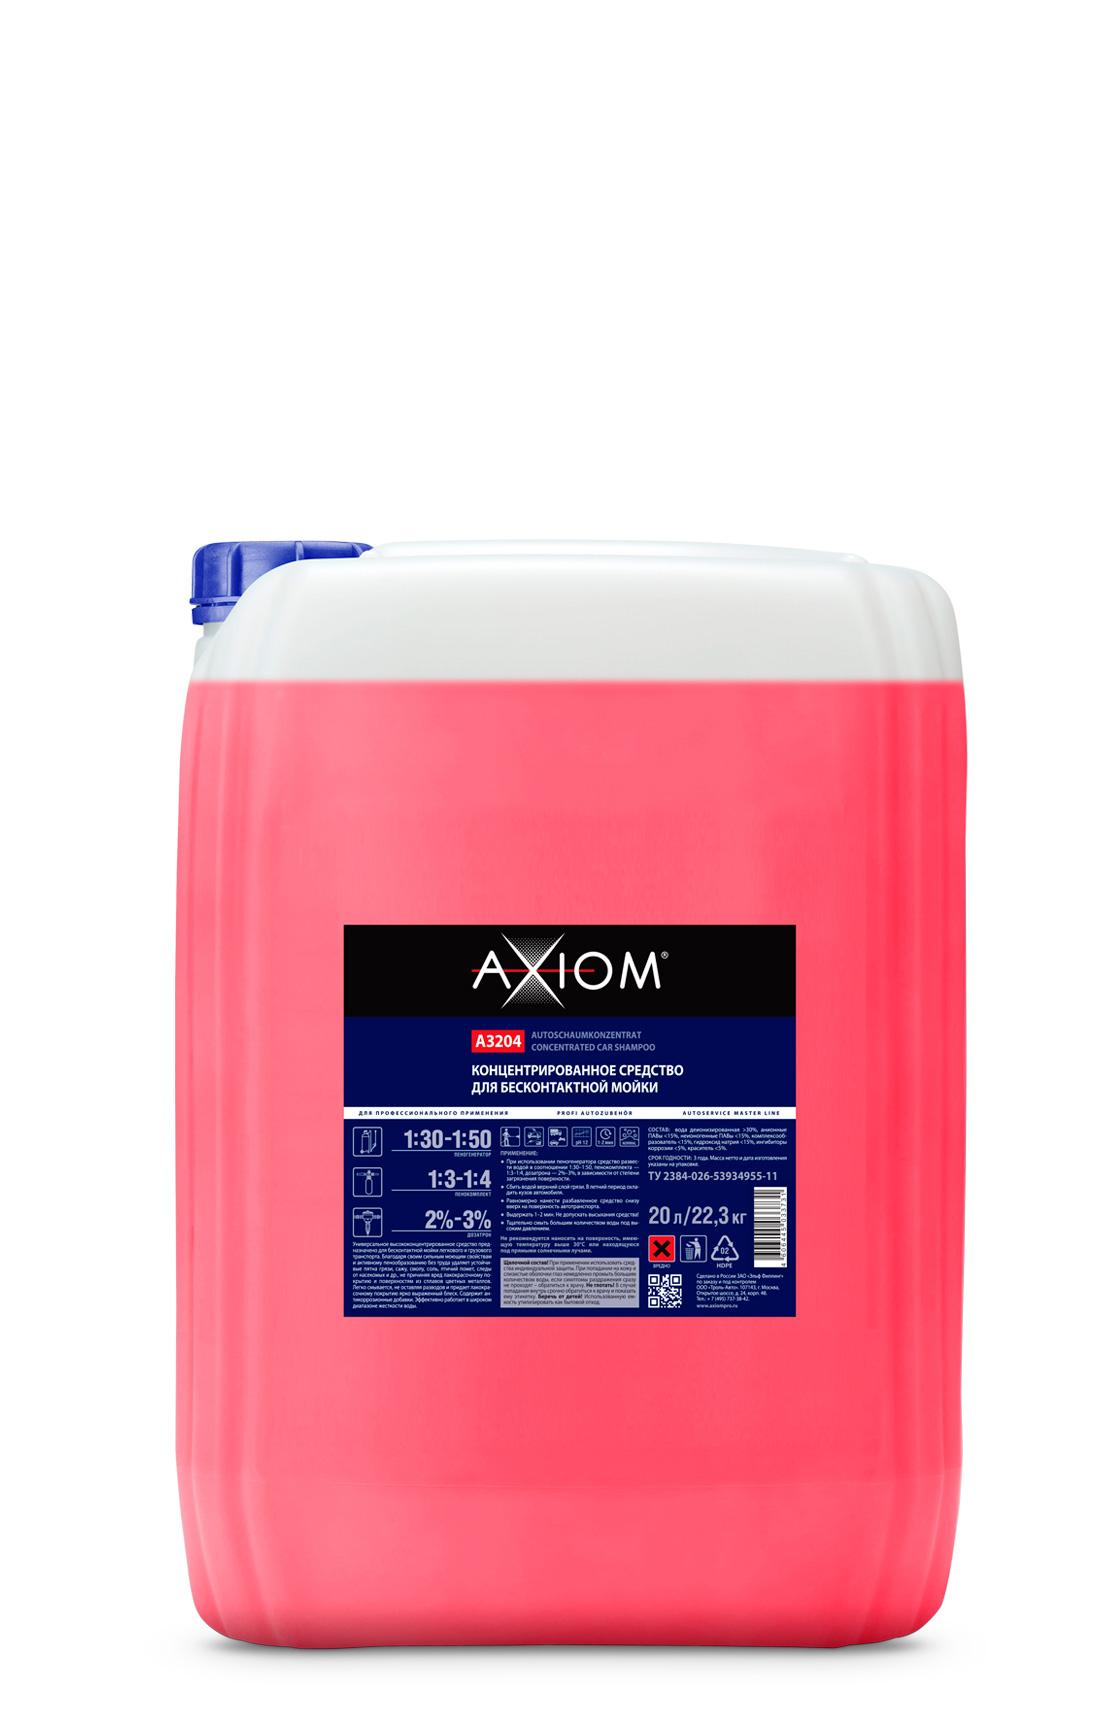 Концентрированное средство для бесконтактной мойки 1:30-1:50 20л23 кг. AXIOM (A3204)